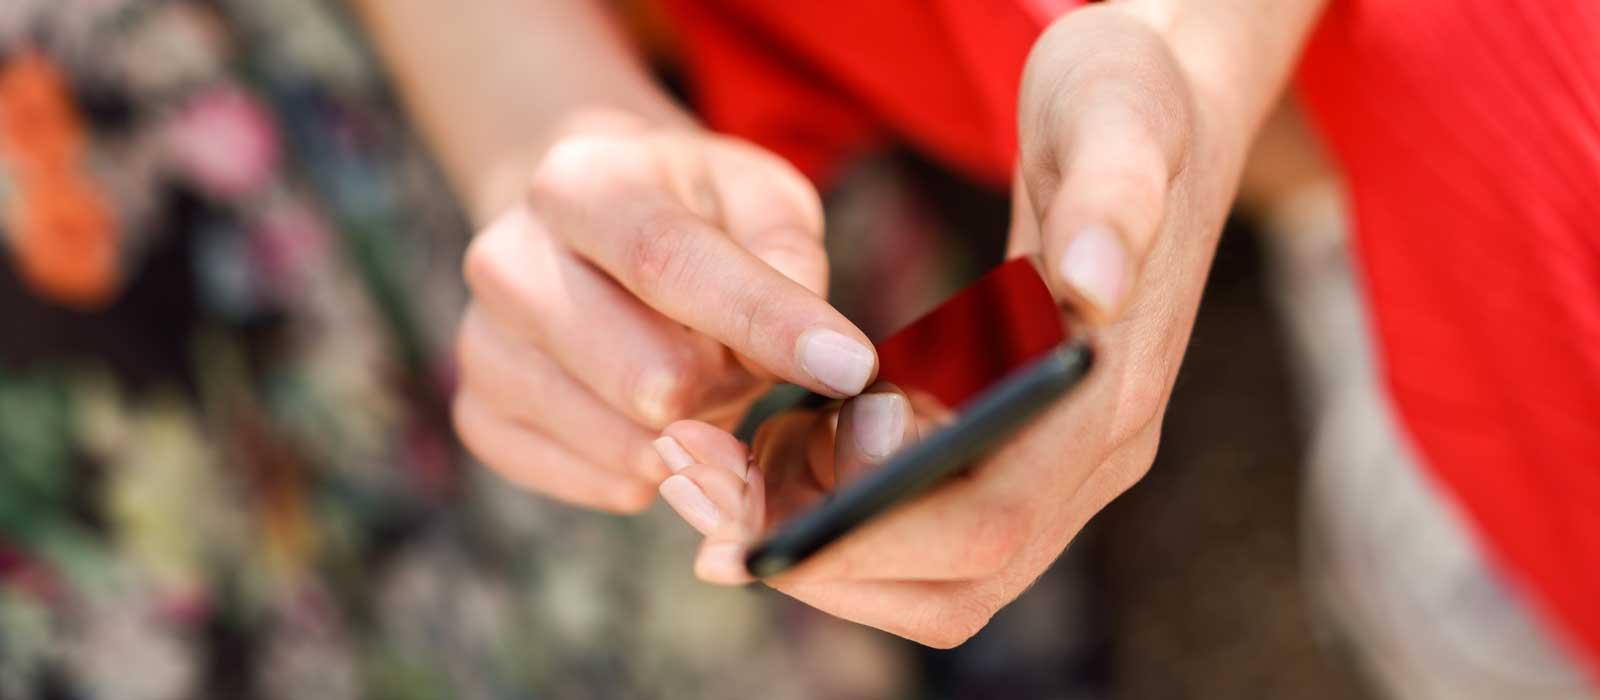 Symbolbild Arzneimittelvorbestellung zeigt eine Frau, die ein Smartphone benutzt